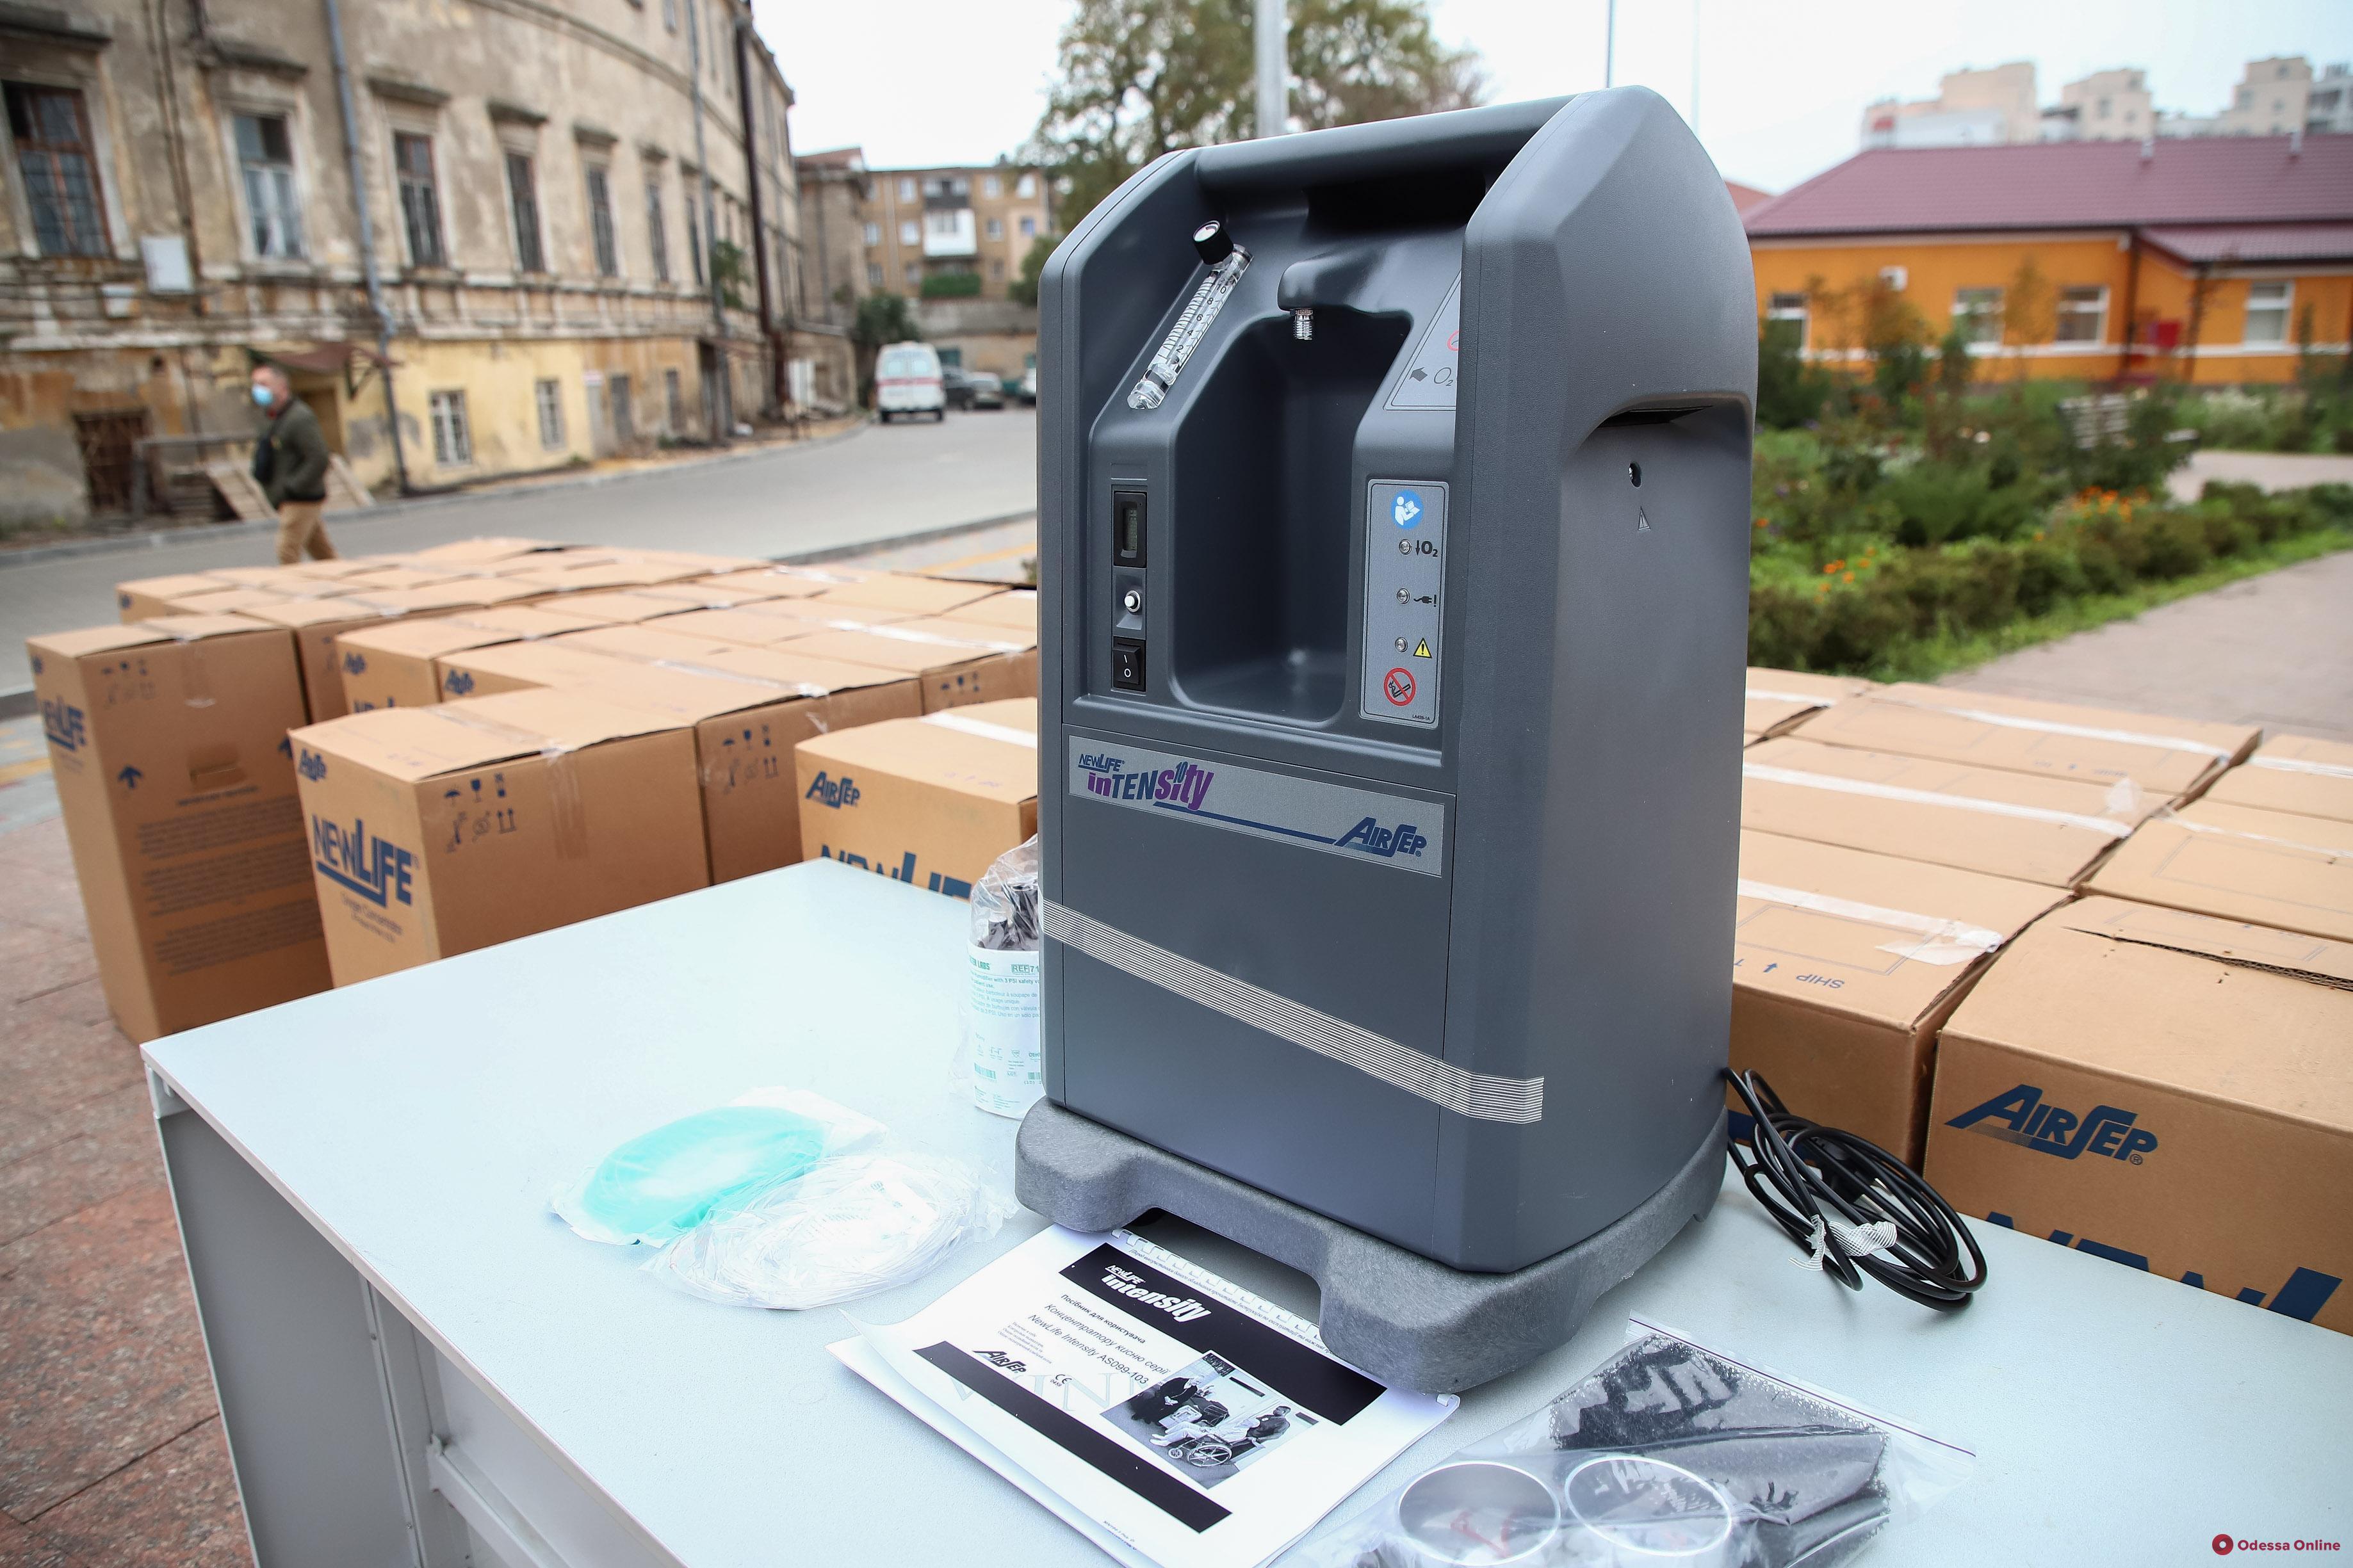 Геннадий Труханов заявил, что Одесса находится в топе украинских городов, которые развернули масштабную работу по борьбе с COVID-19